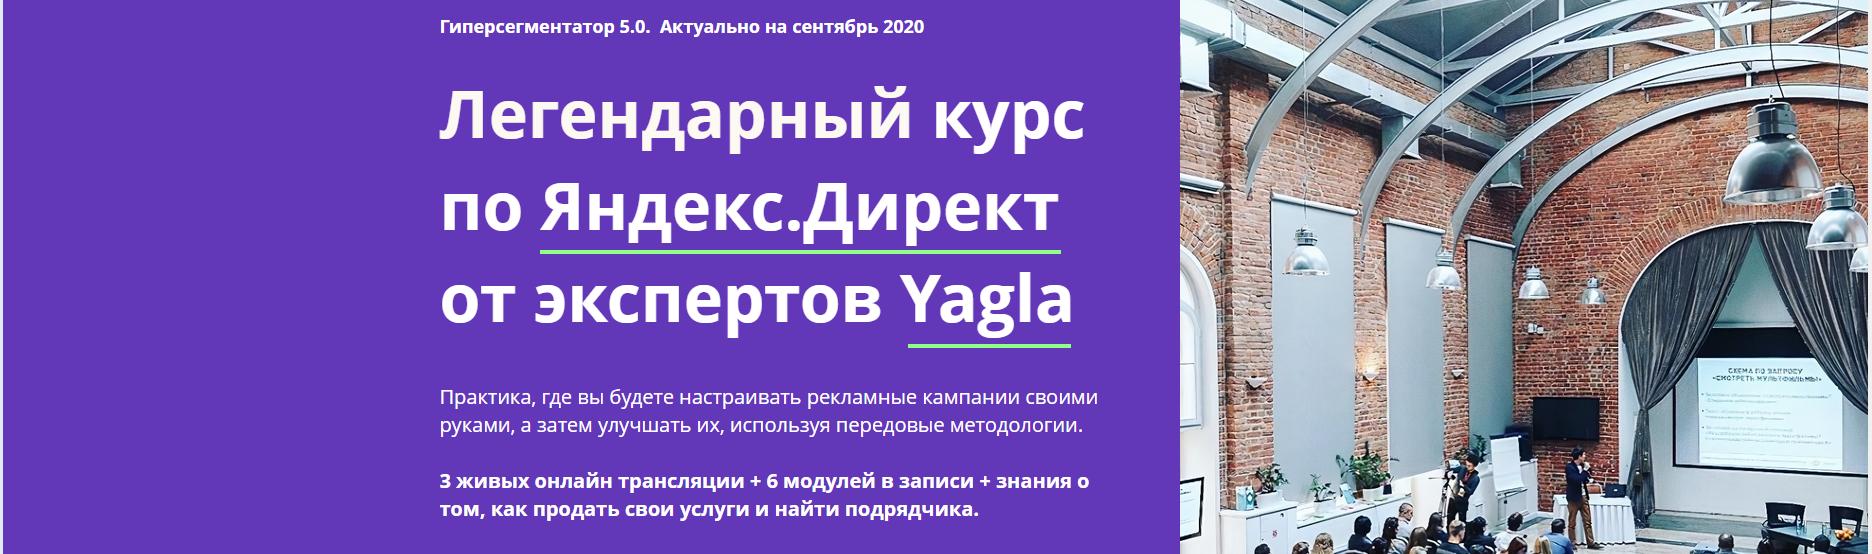 upload_2020-9-4_12-1-24.png